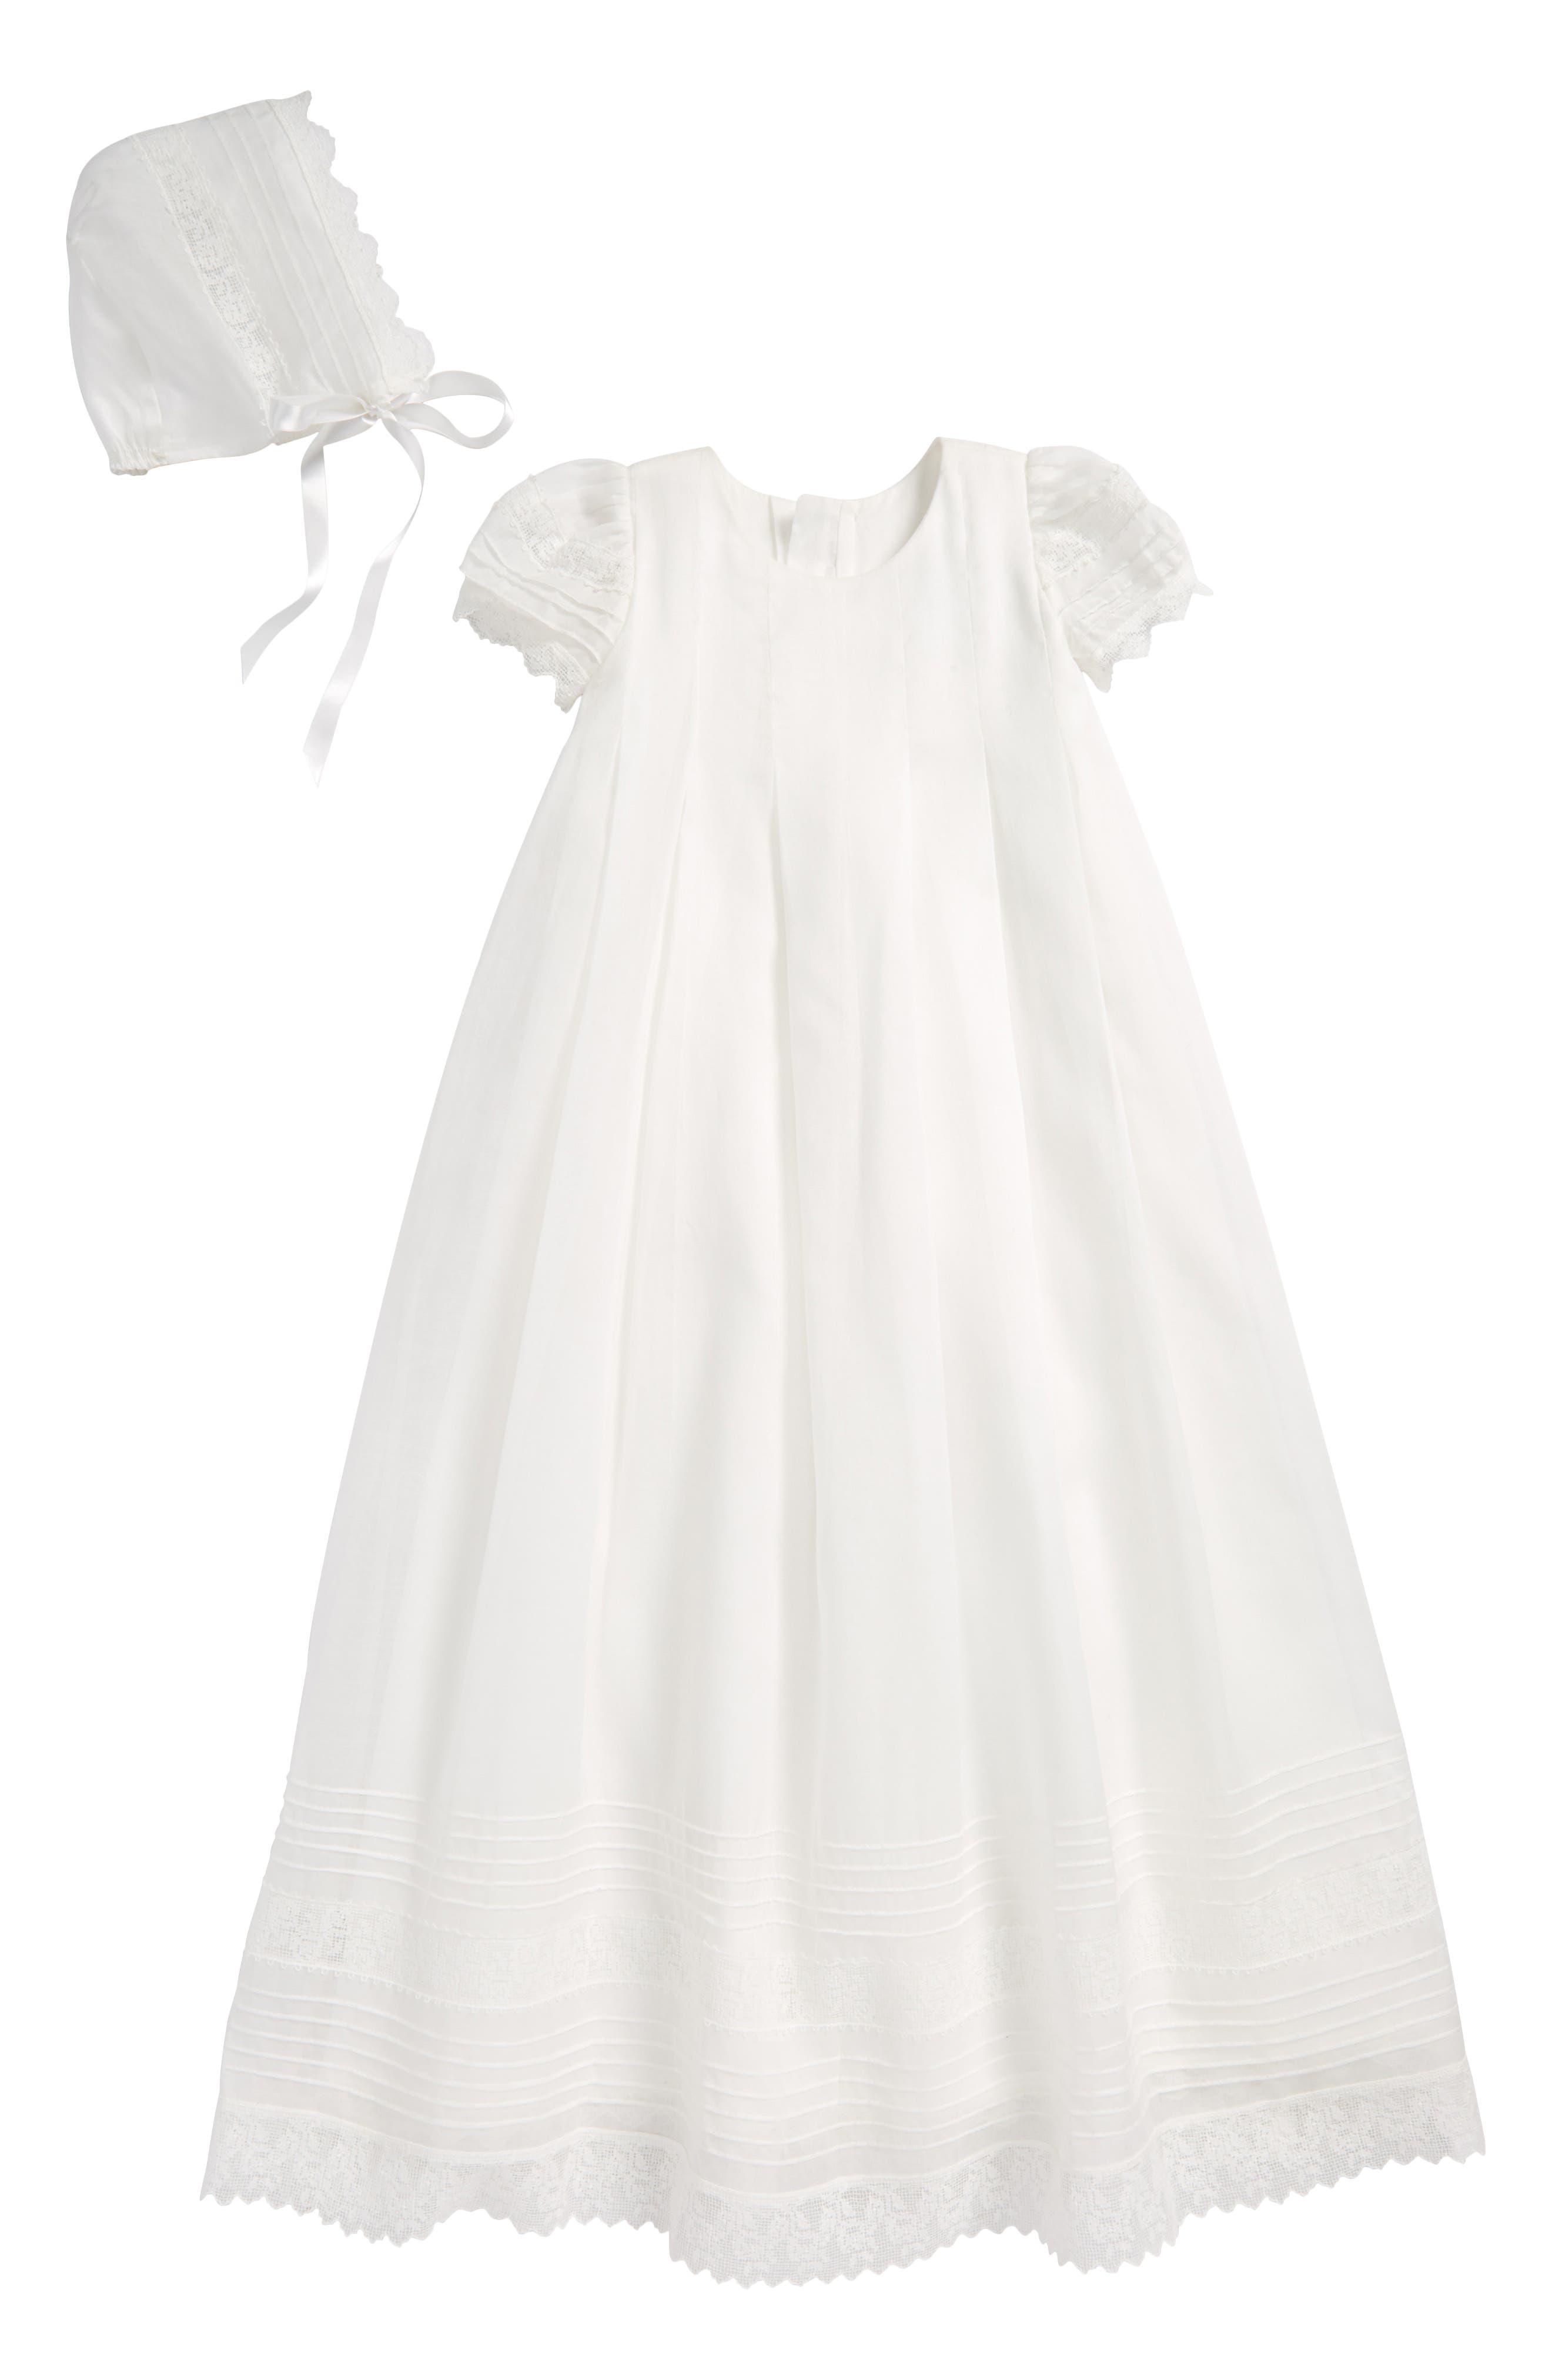 Main Image - Isabel Garreton Gracious Organdy Christening Gown & Bonnet Set (Baby Girls)